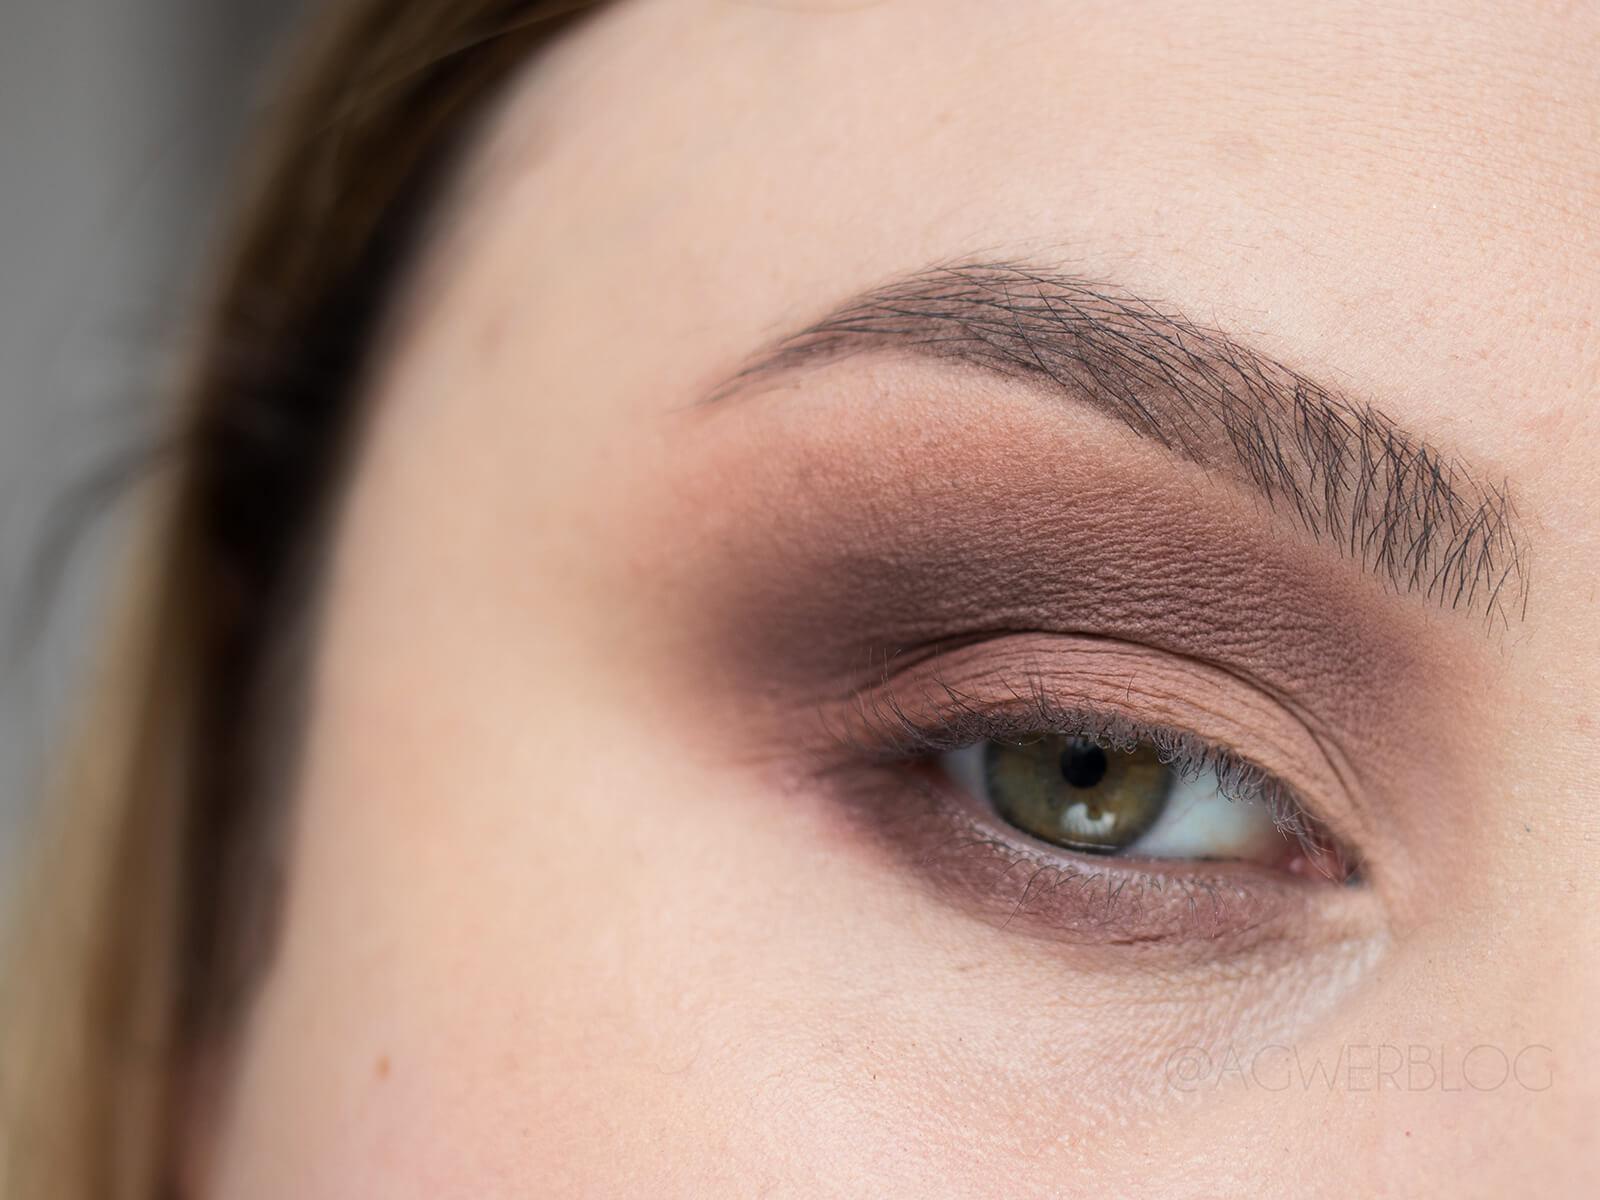 najgorsze błędy w makijażu oczu